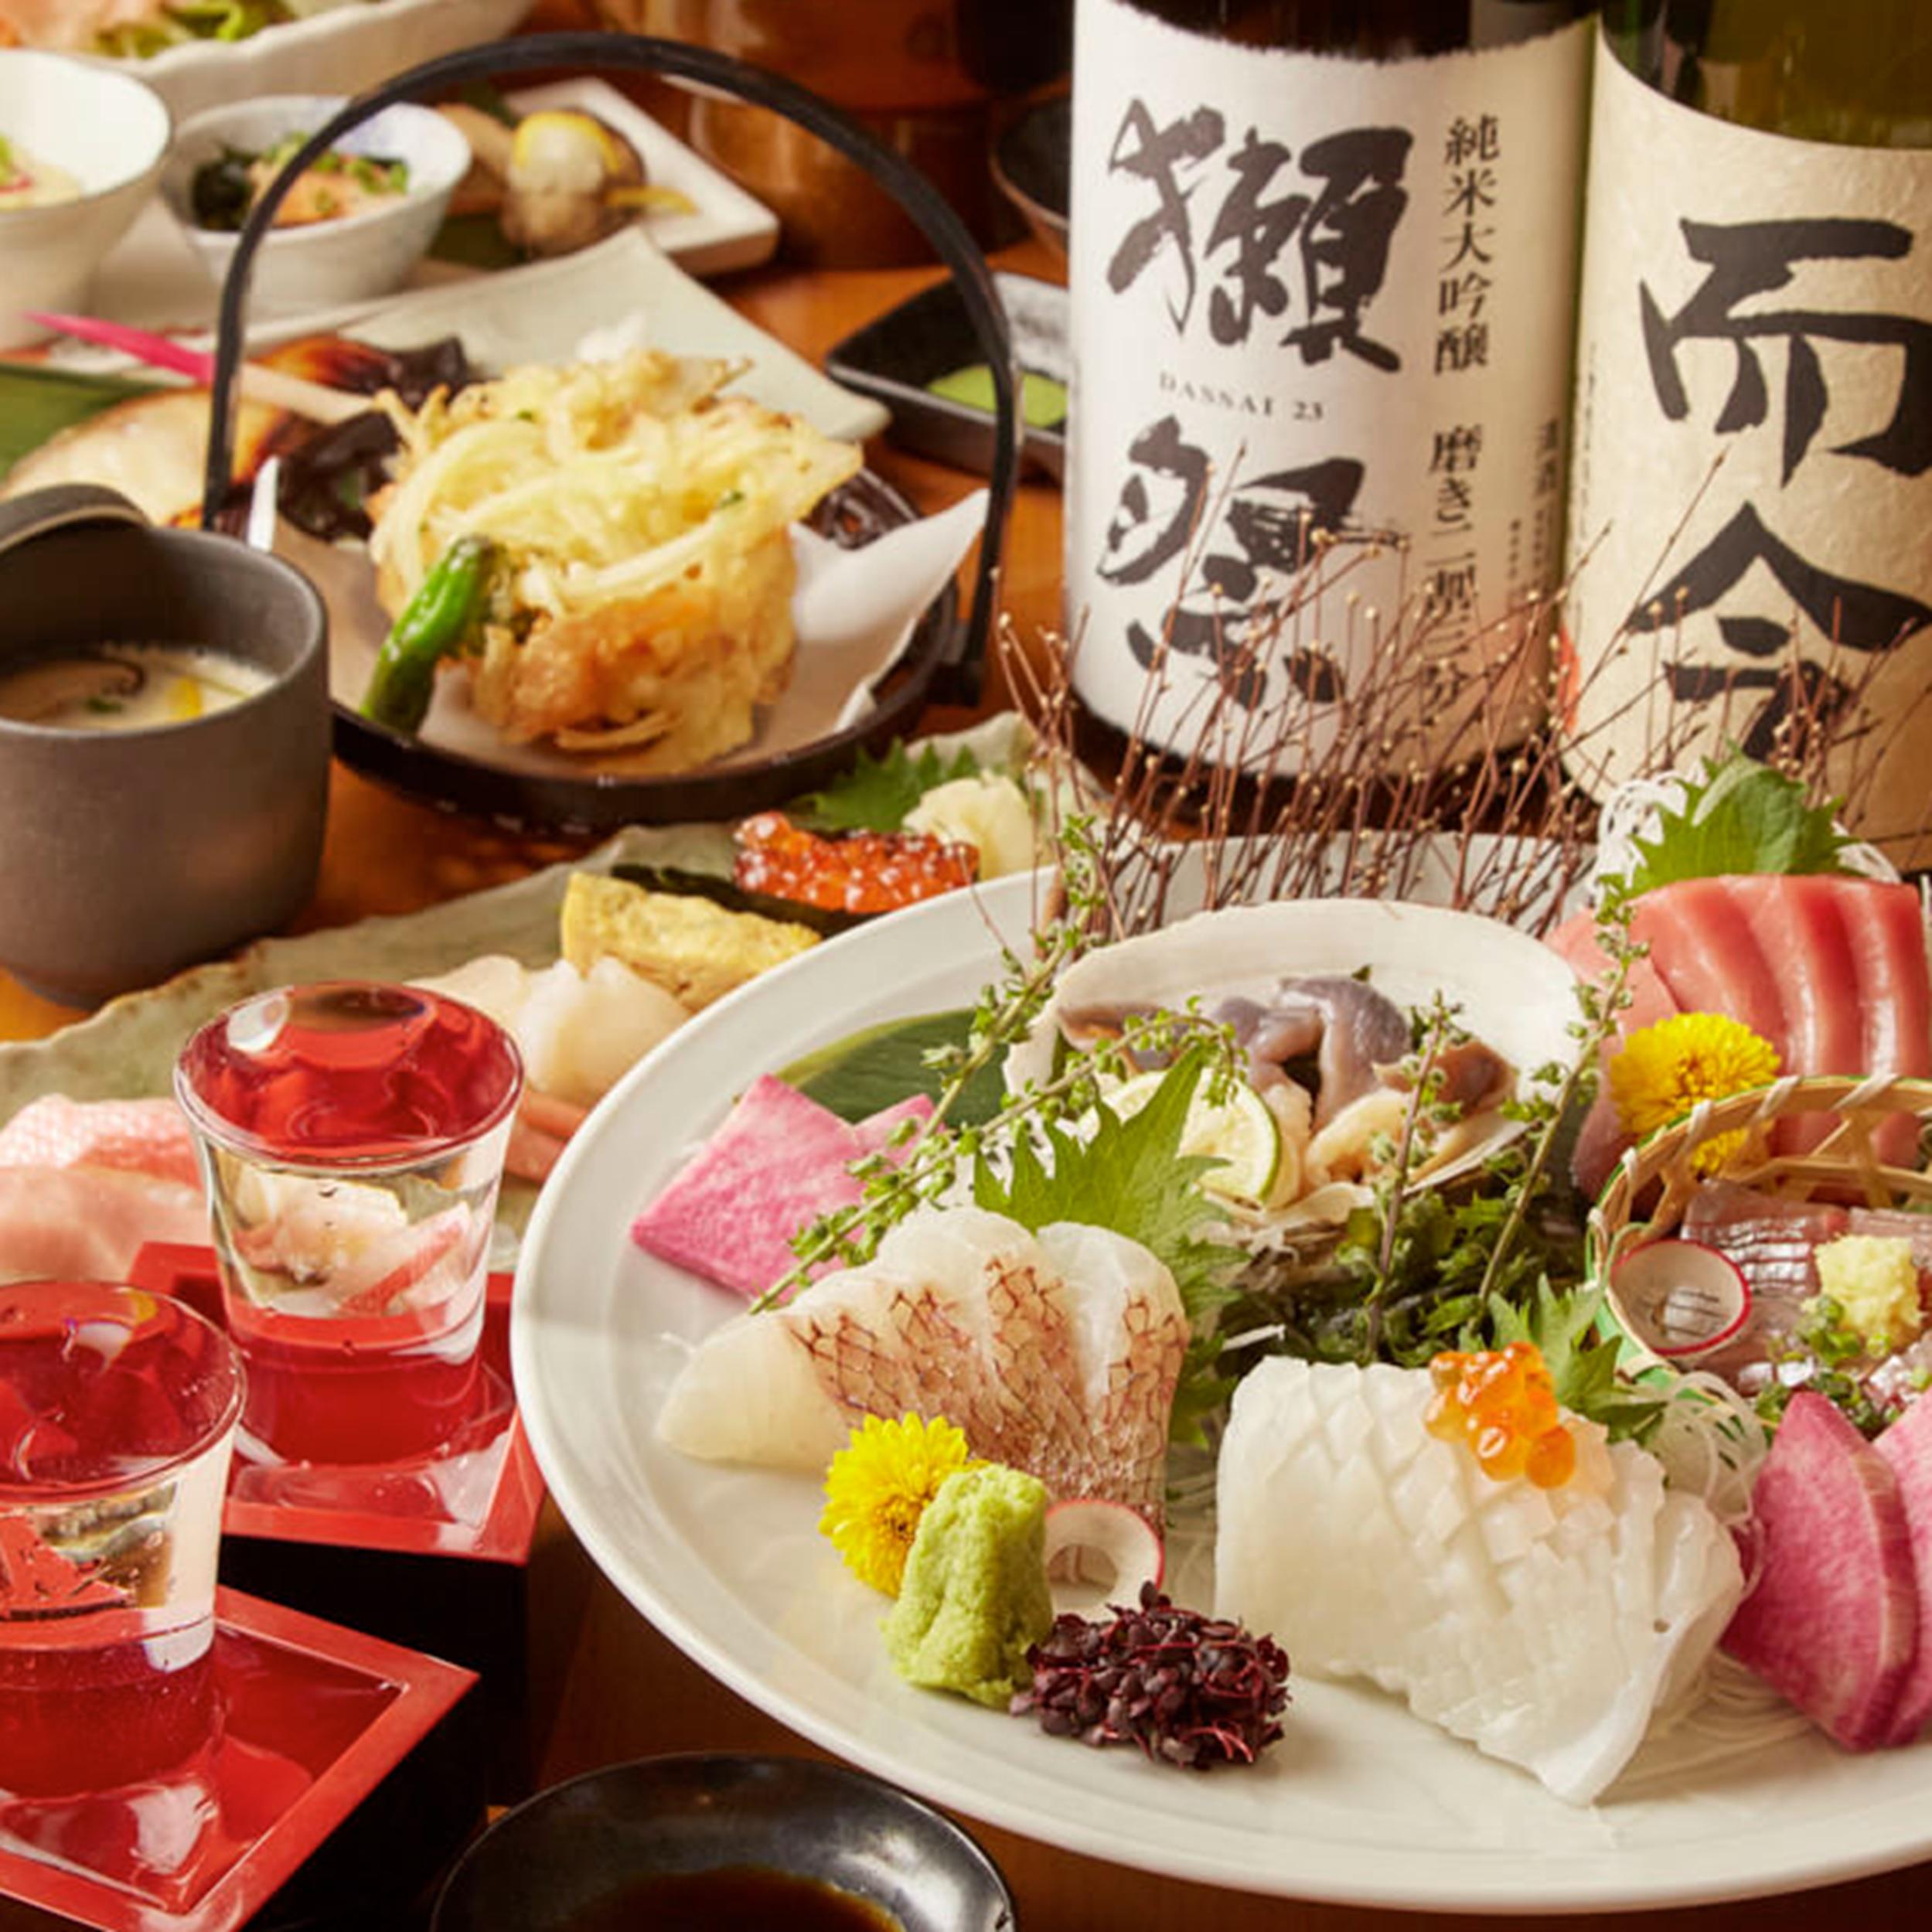 「ごちめし」の食事券はギフトに最適。祝いの席を豪華に彩る鮮魚の握りに刺身!人気の鮨割烹を紹介・千葉編